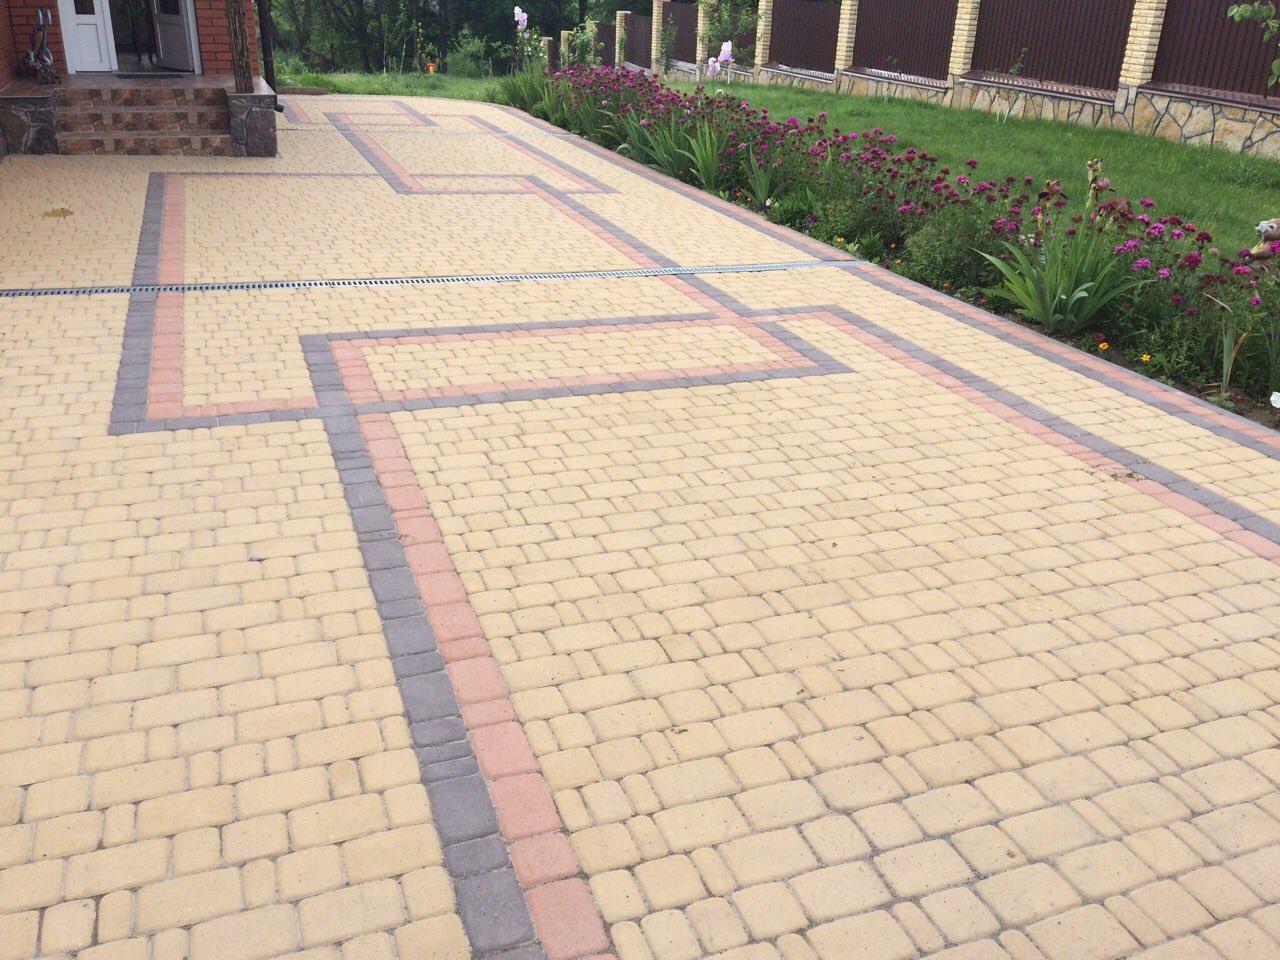 Оригинальная укладка тротуарной плитки от салона тротуарной плитки «Melius» Винница